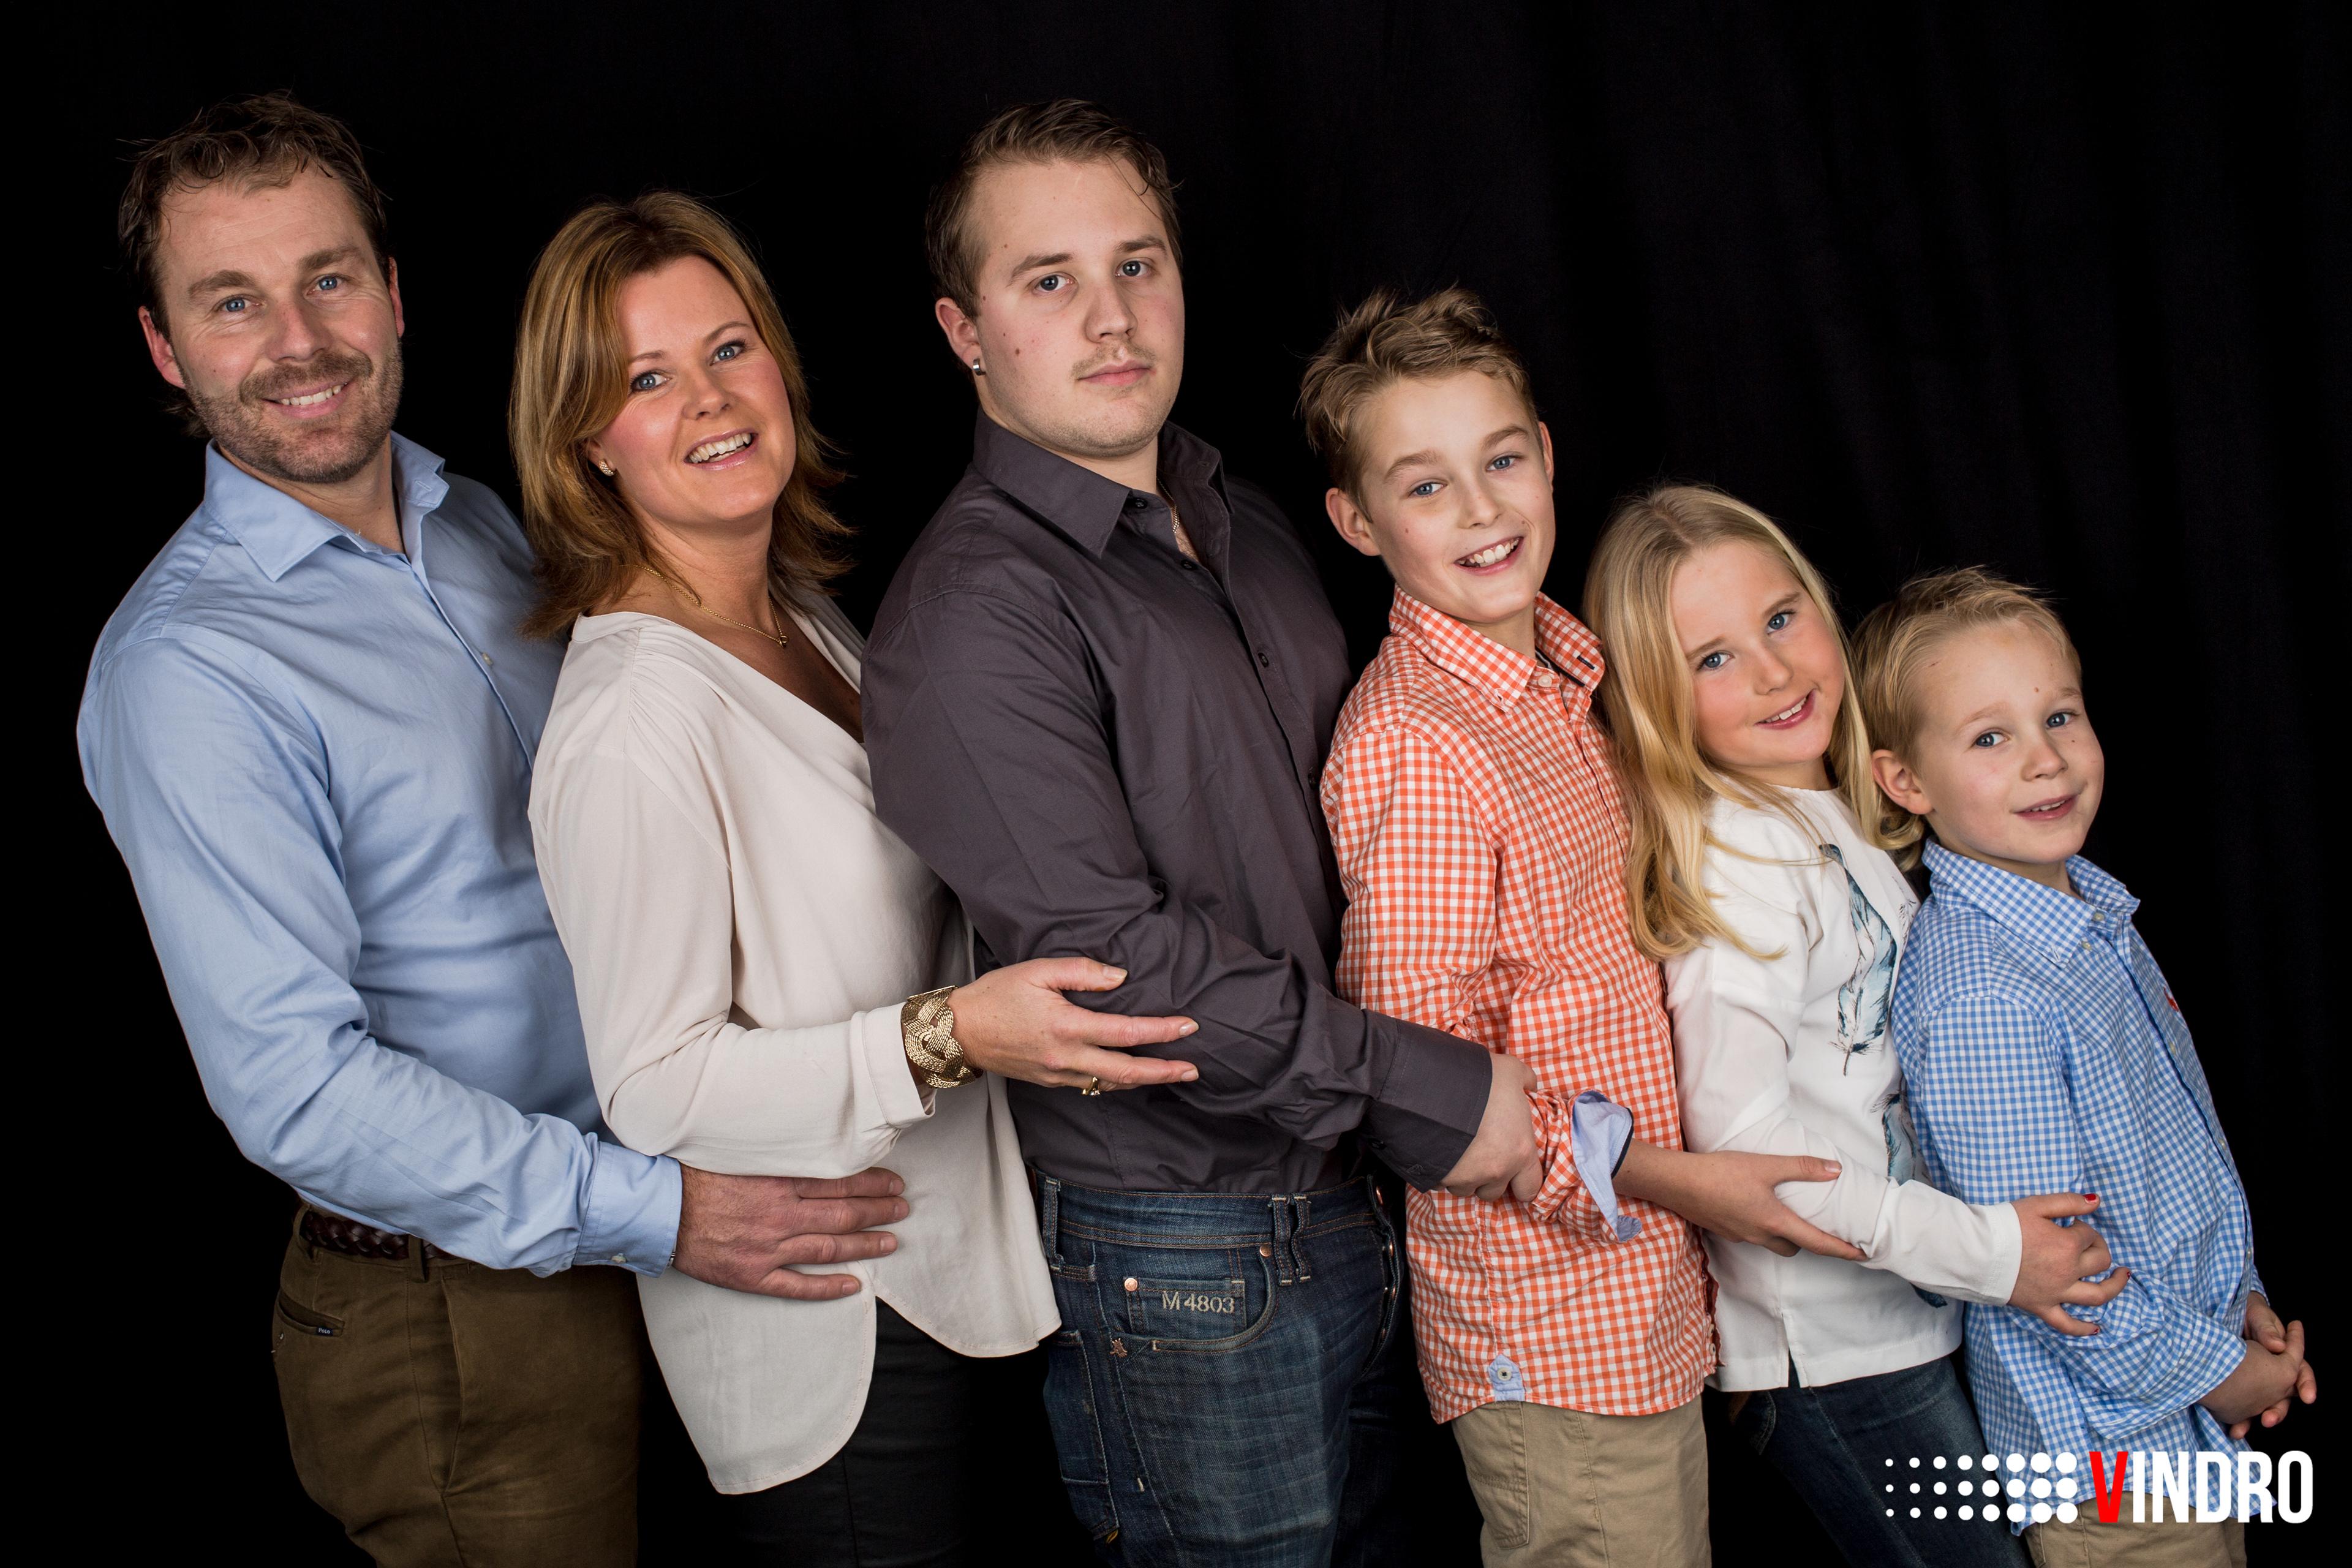 EN FAMILJ - EN I TAGET OCH ALLA